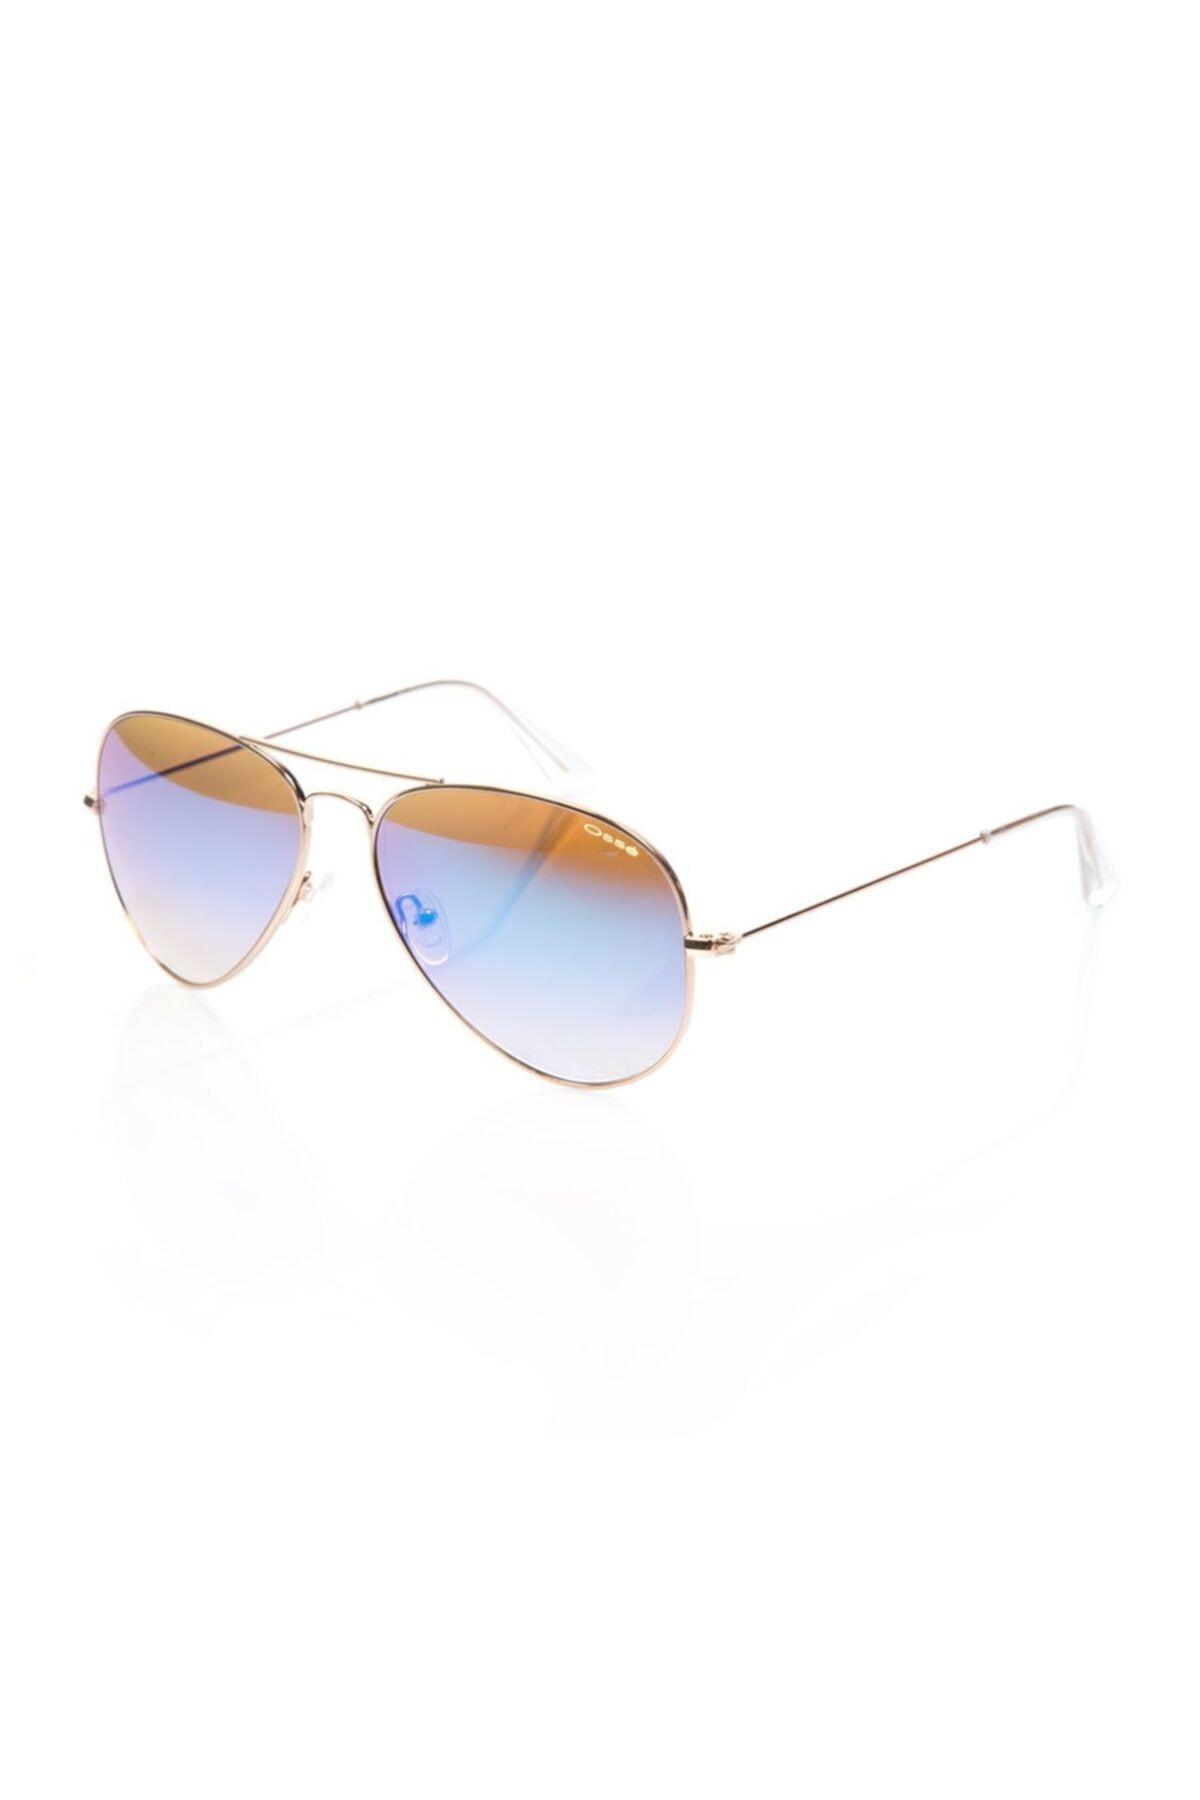 عینک دودی  برند Osse رنگ طلایی ty6142359